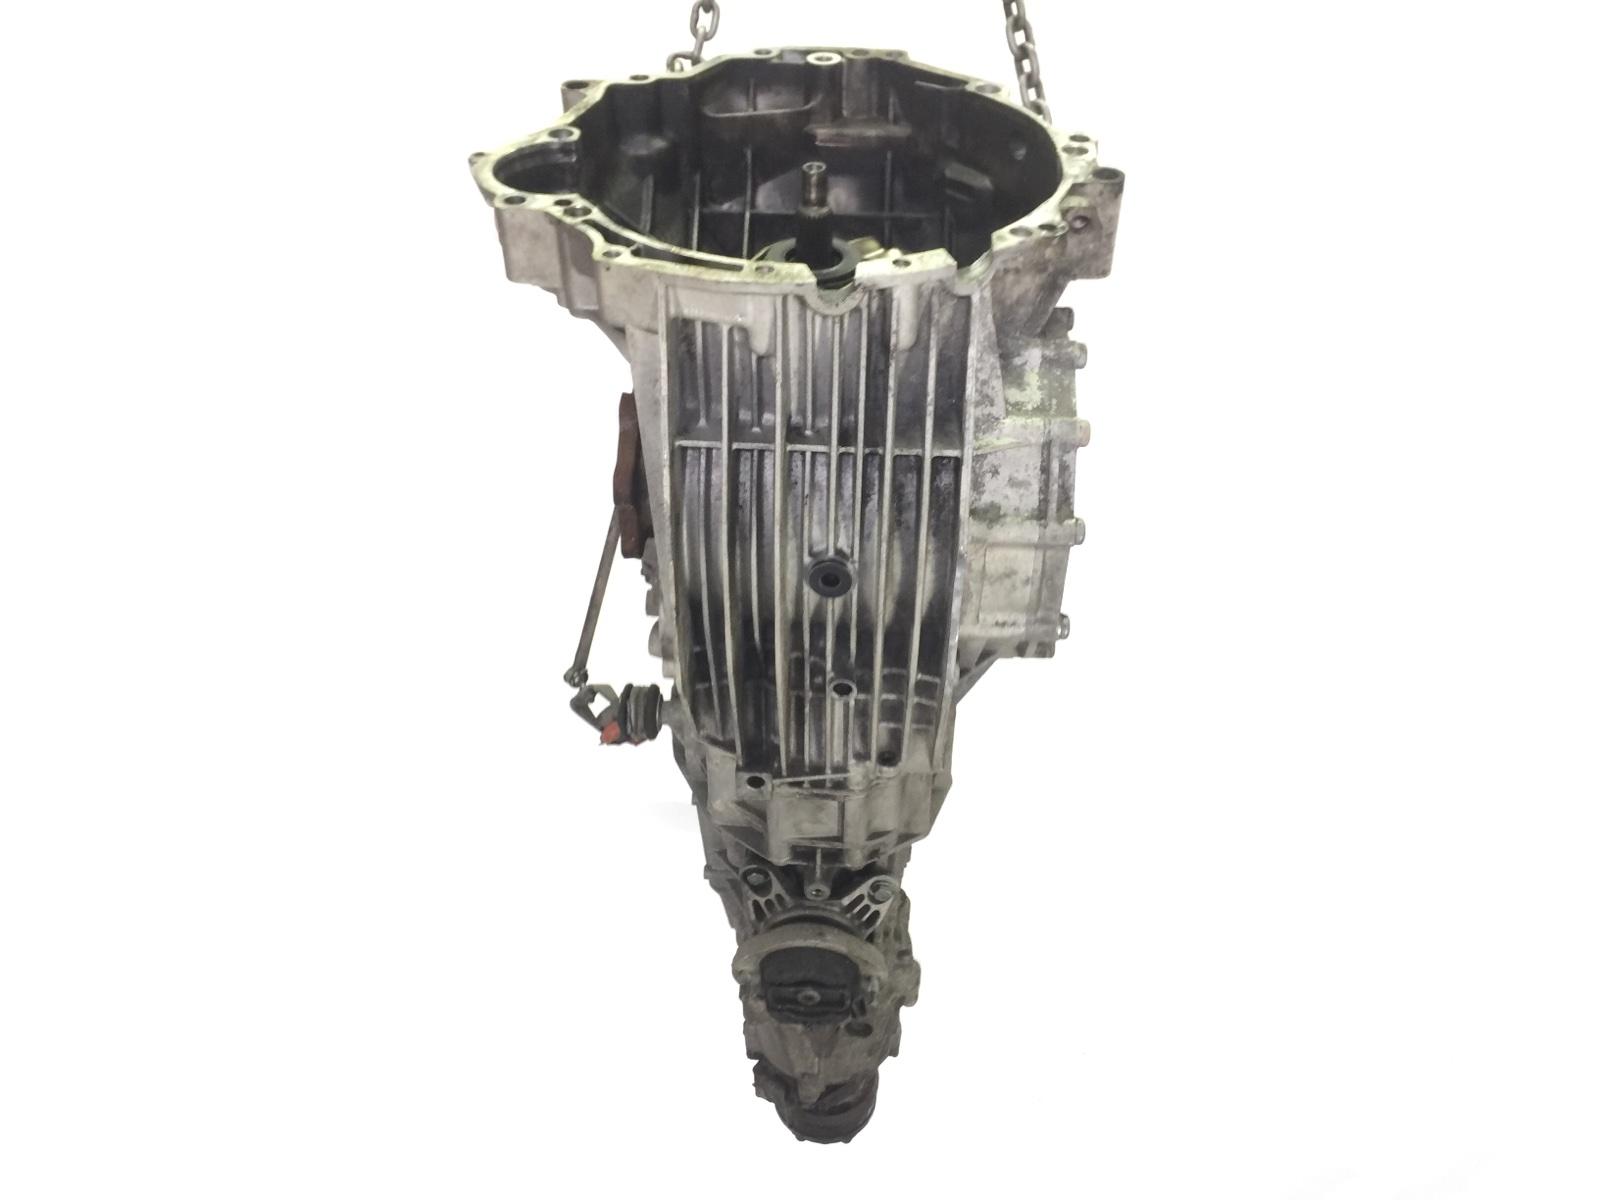 Кпп механическая (мкпп) Audi A4 B7 1.8 TI 2005 (б/у)